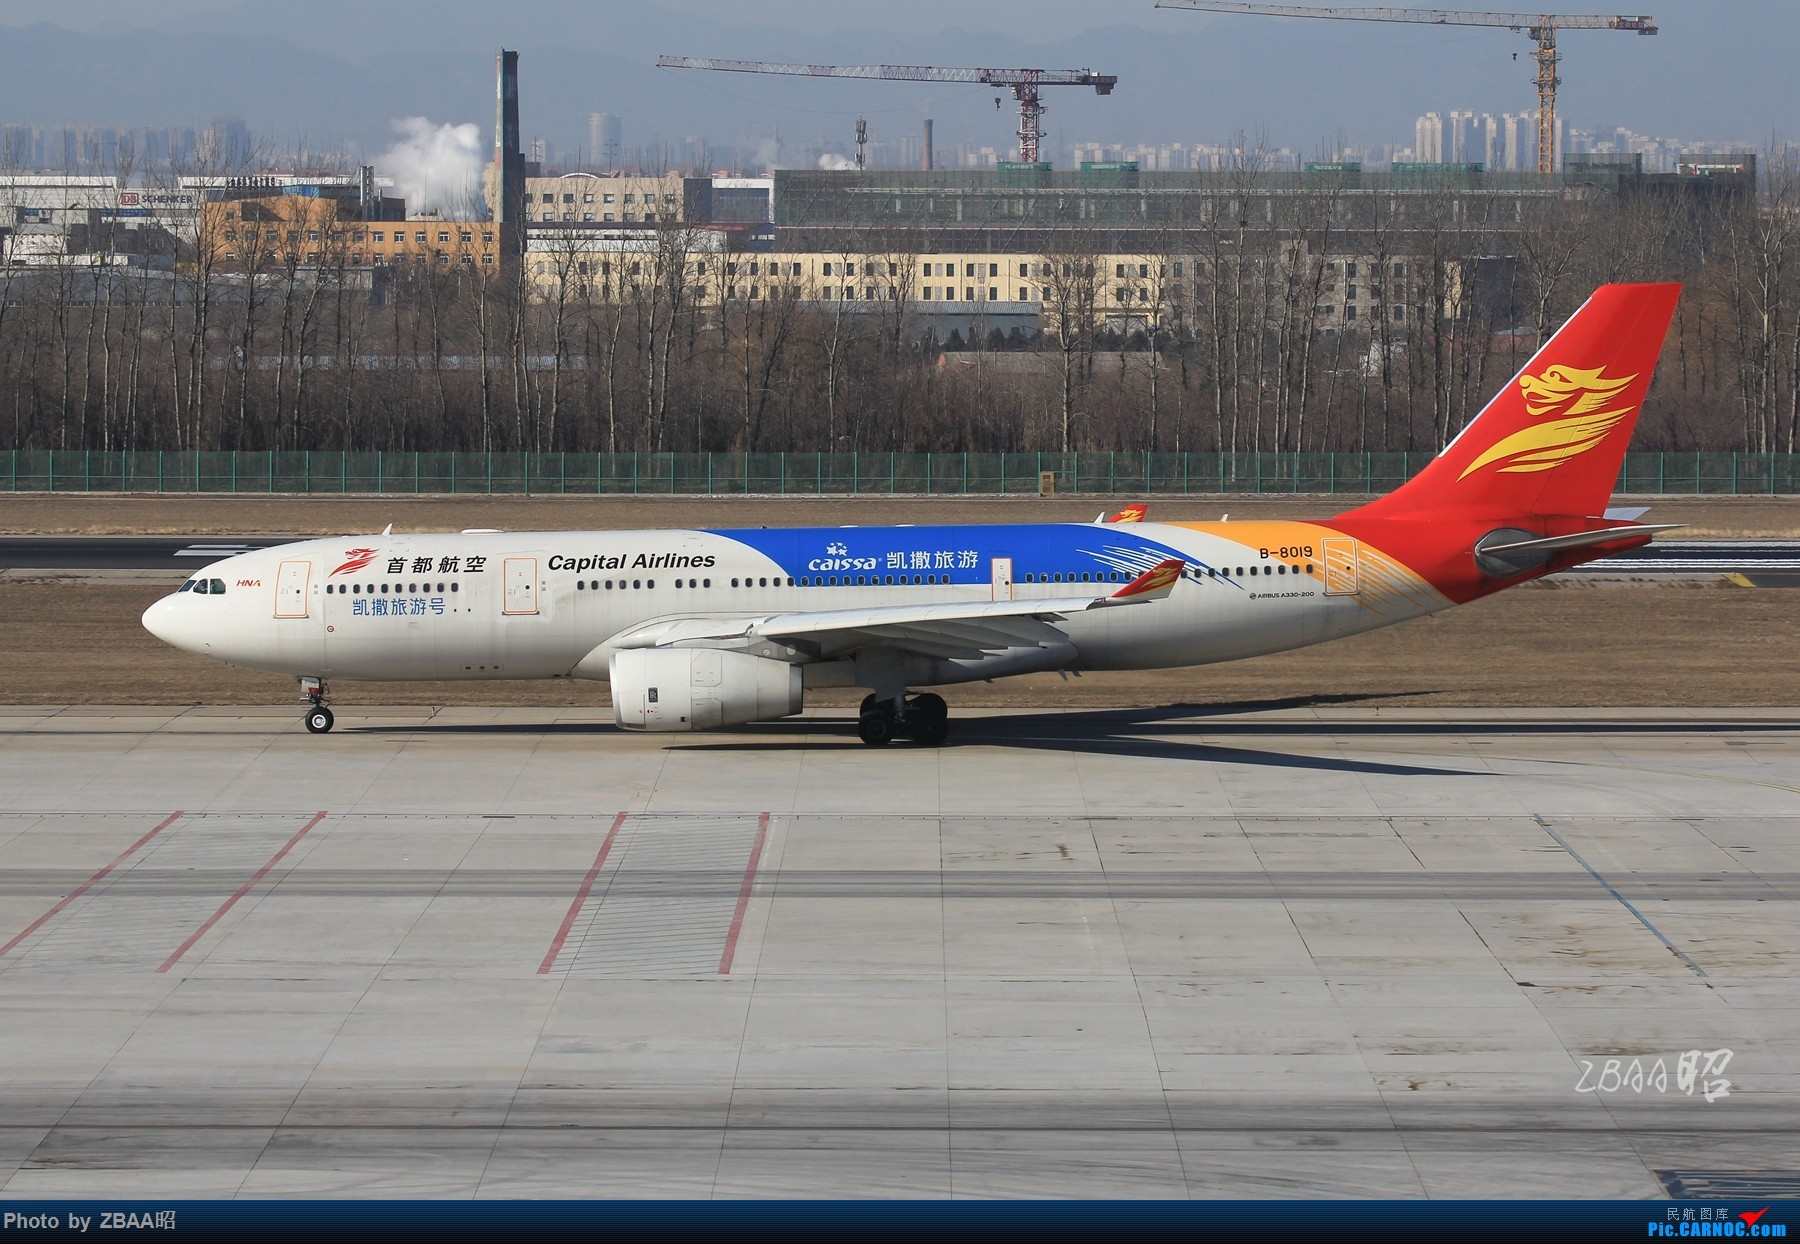 Re:[原创]飞友聚会后的独自疯狂,格林豪泰隔天怒打ZBAA 36L跑道,夜拍海航宽体机,寒风中坚守楼顶阵地 AIRBUS A330-200 B-8019 中国北京首都国际机场